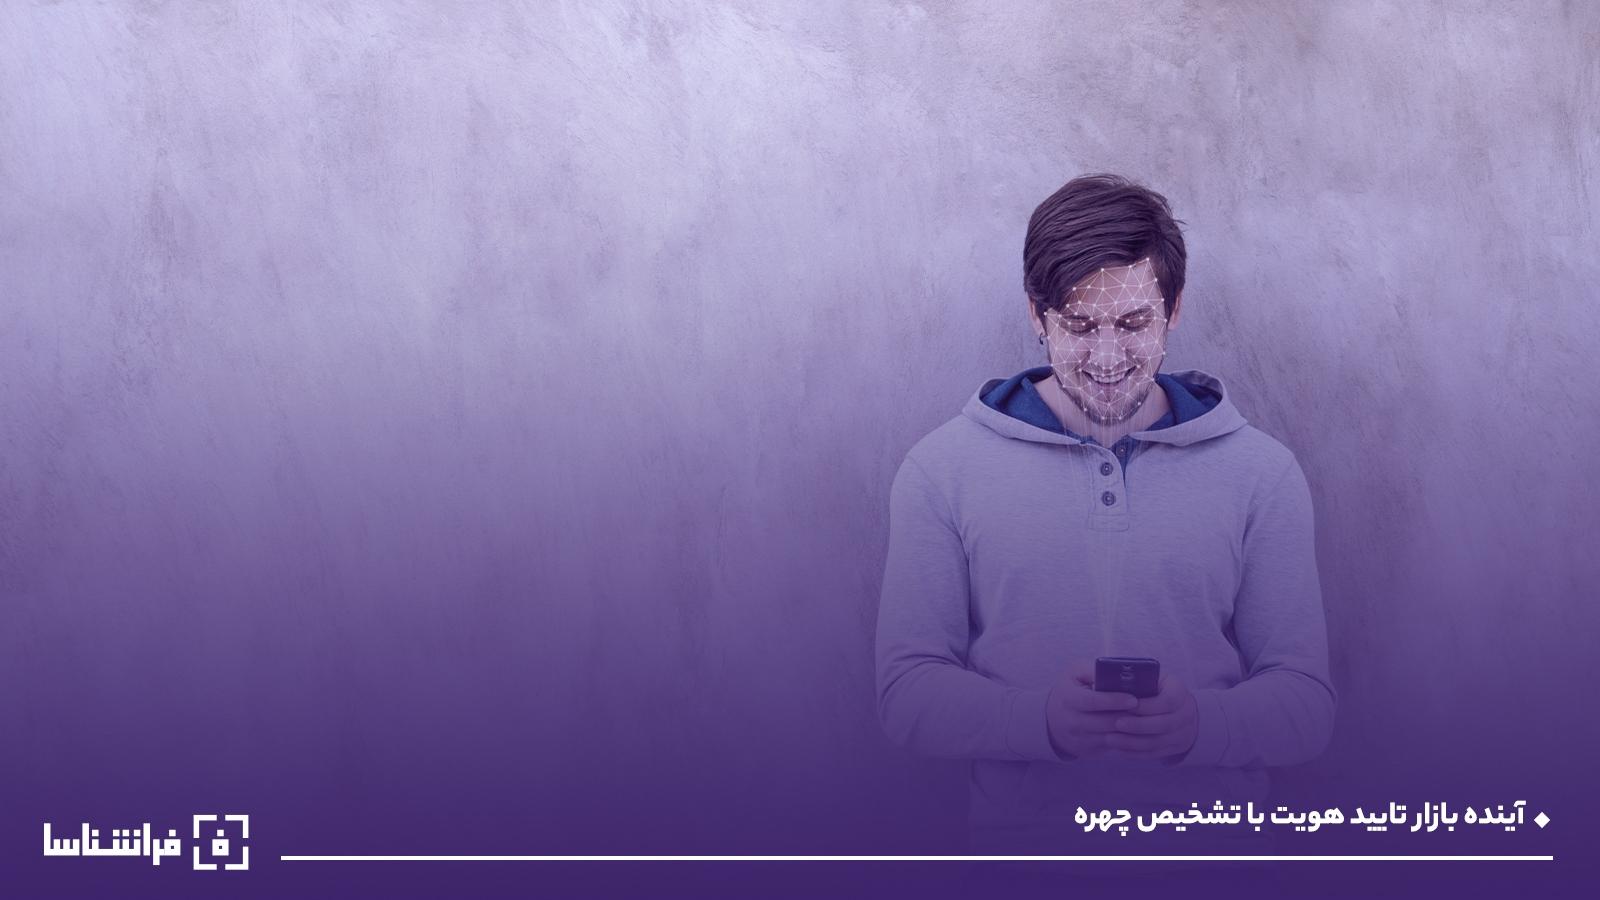 آینده بازار تایید هویت با تشخیص چهره